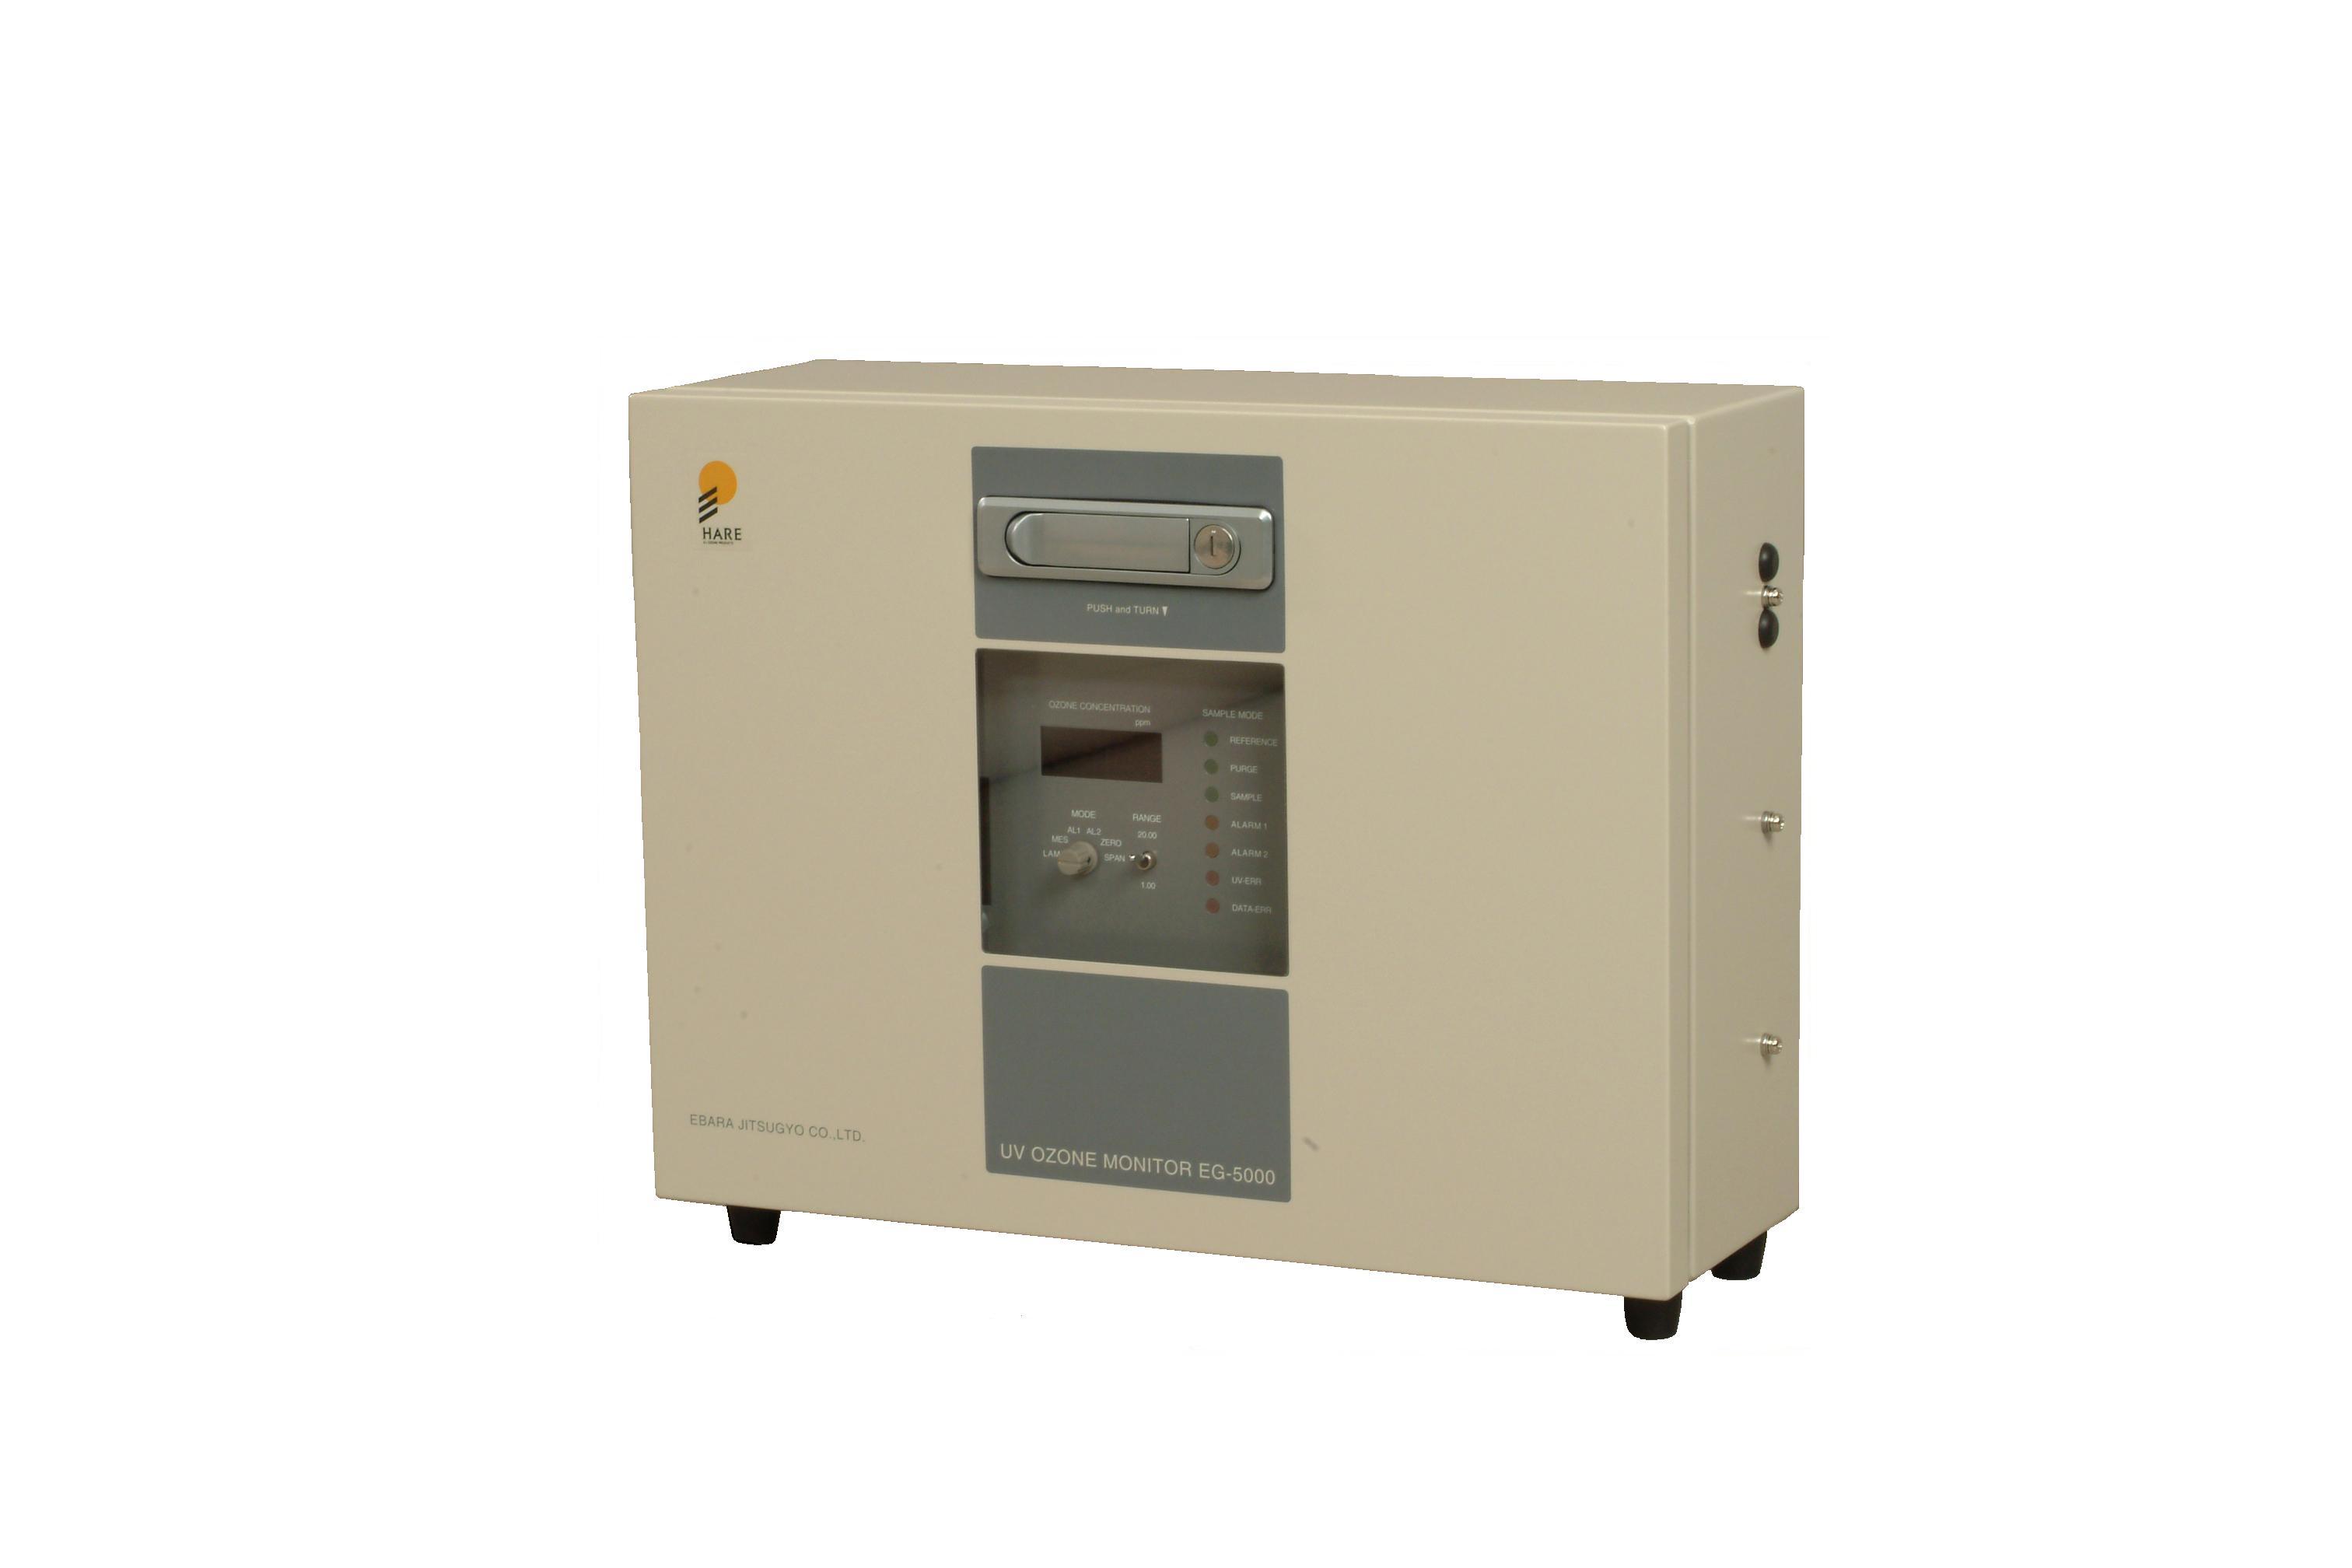 オゾンモニタEG-5000